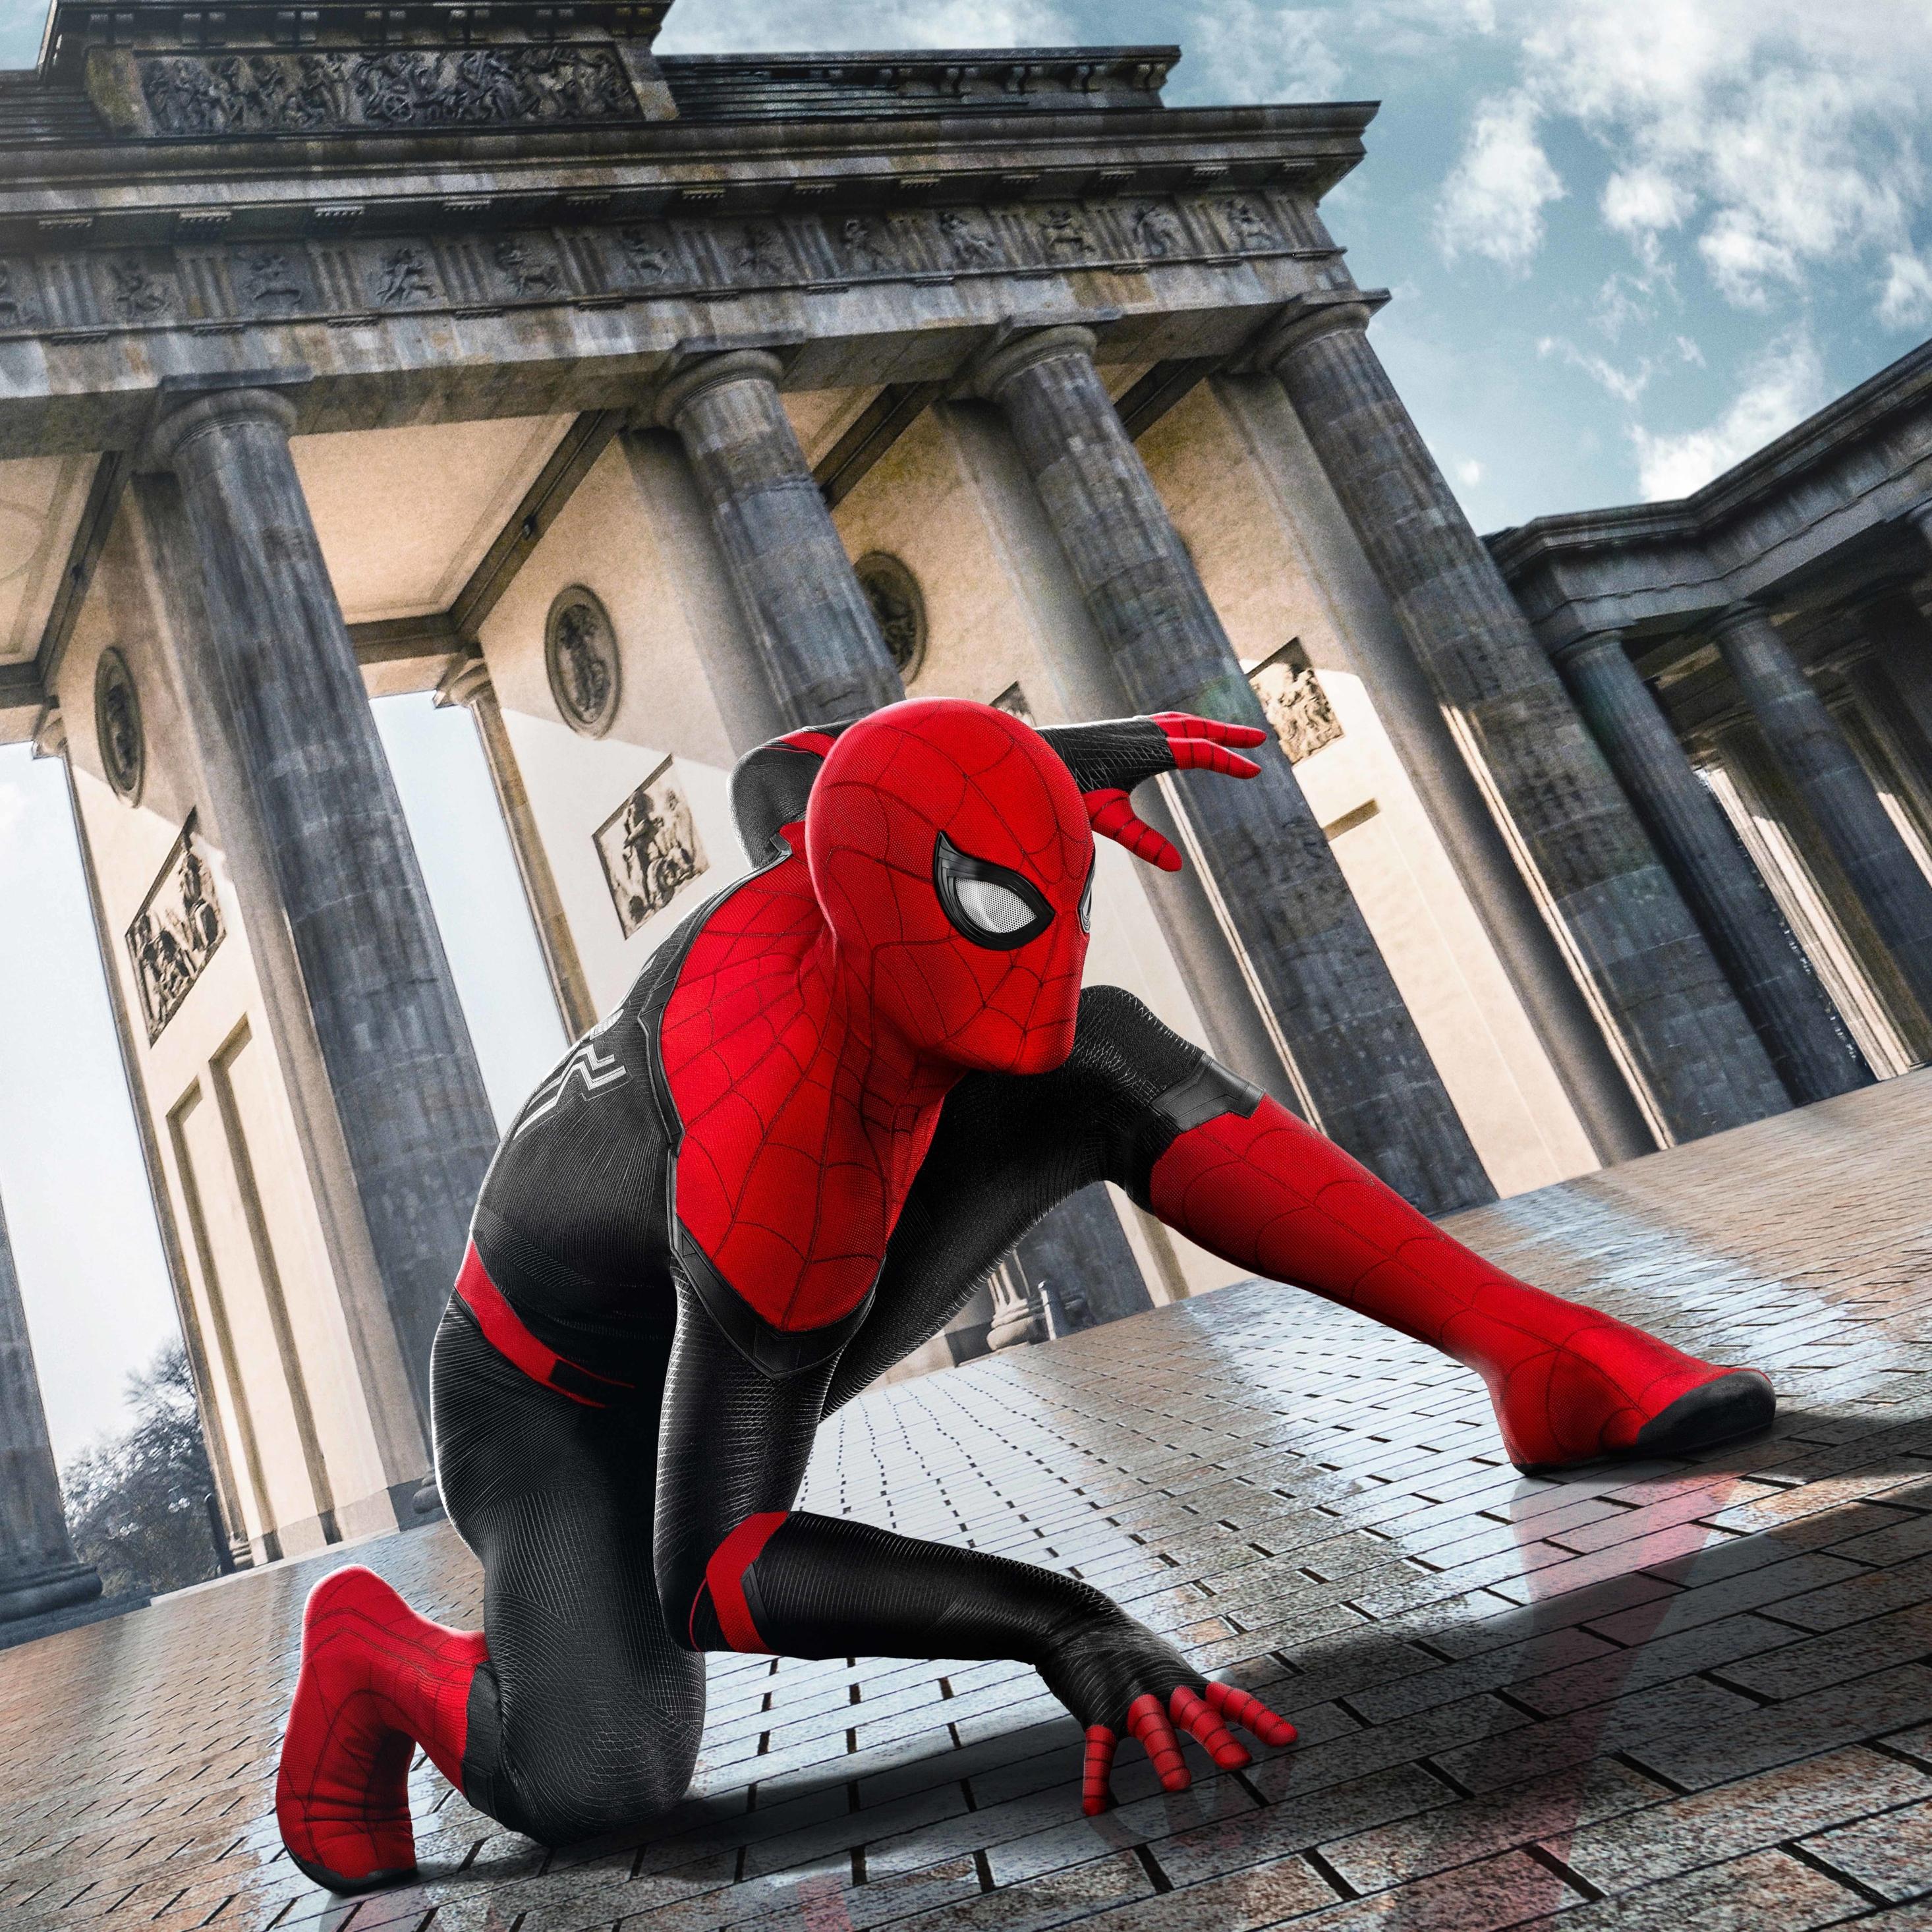 2932x2932 Spider Man Far From Home Ipad Pro Retina Display ...